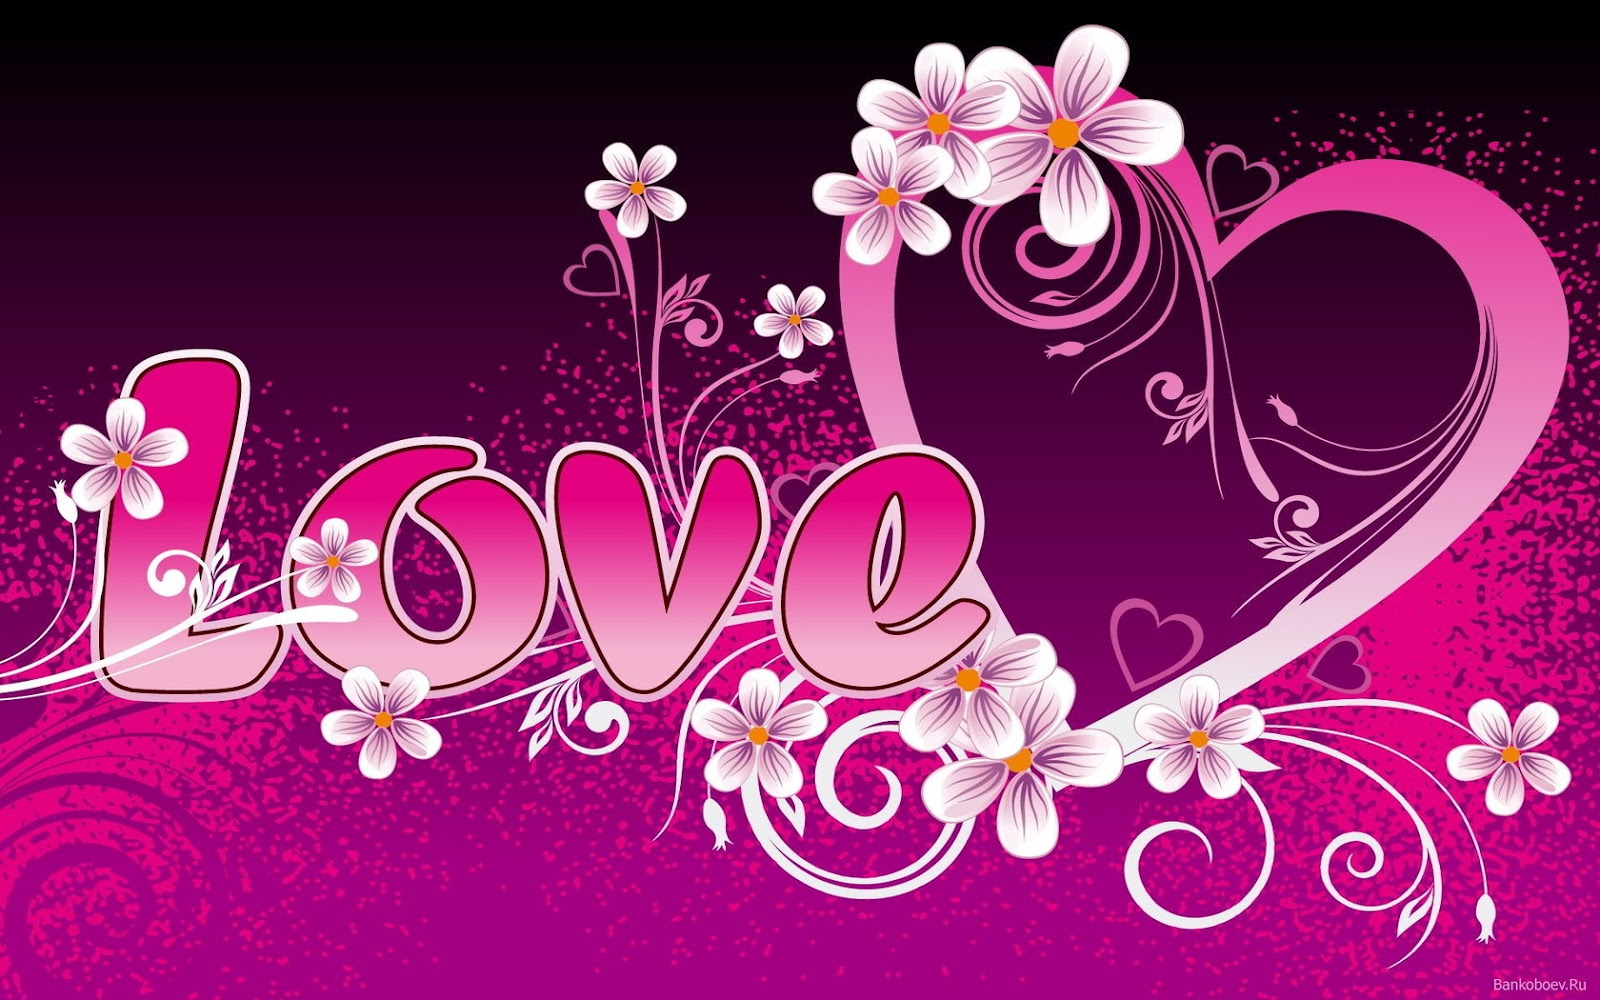 OCEANO ESOTERICO: Promocion para el mes de los Enamorados Febrero 2013